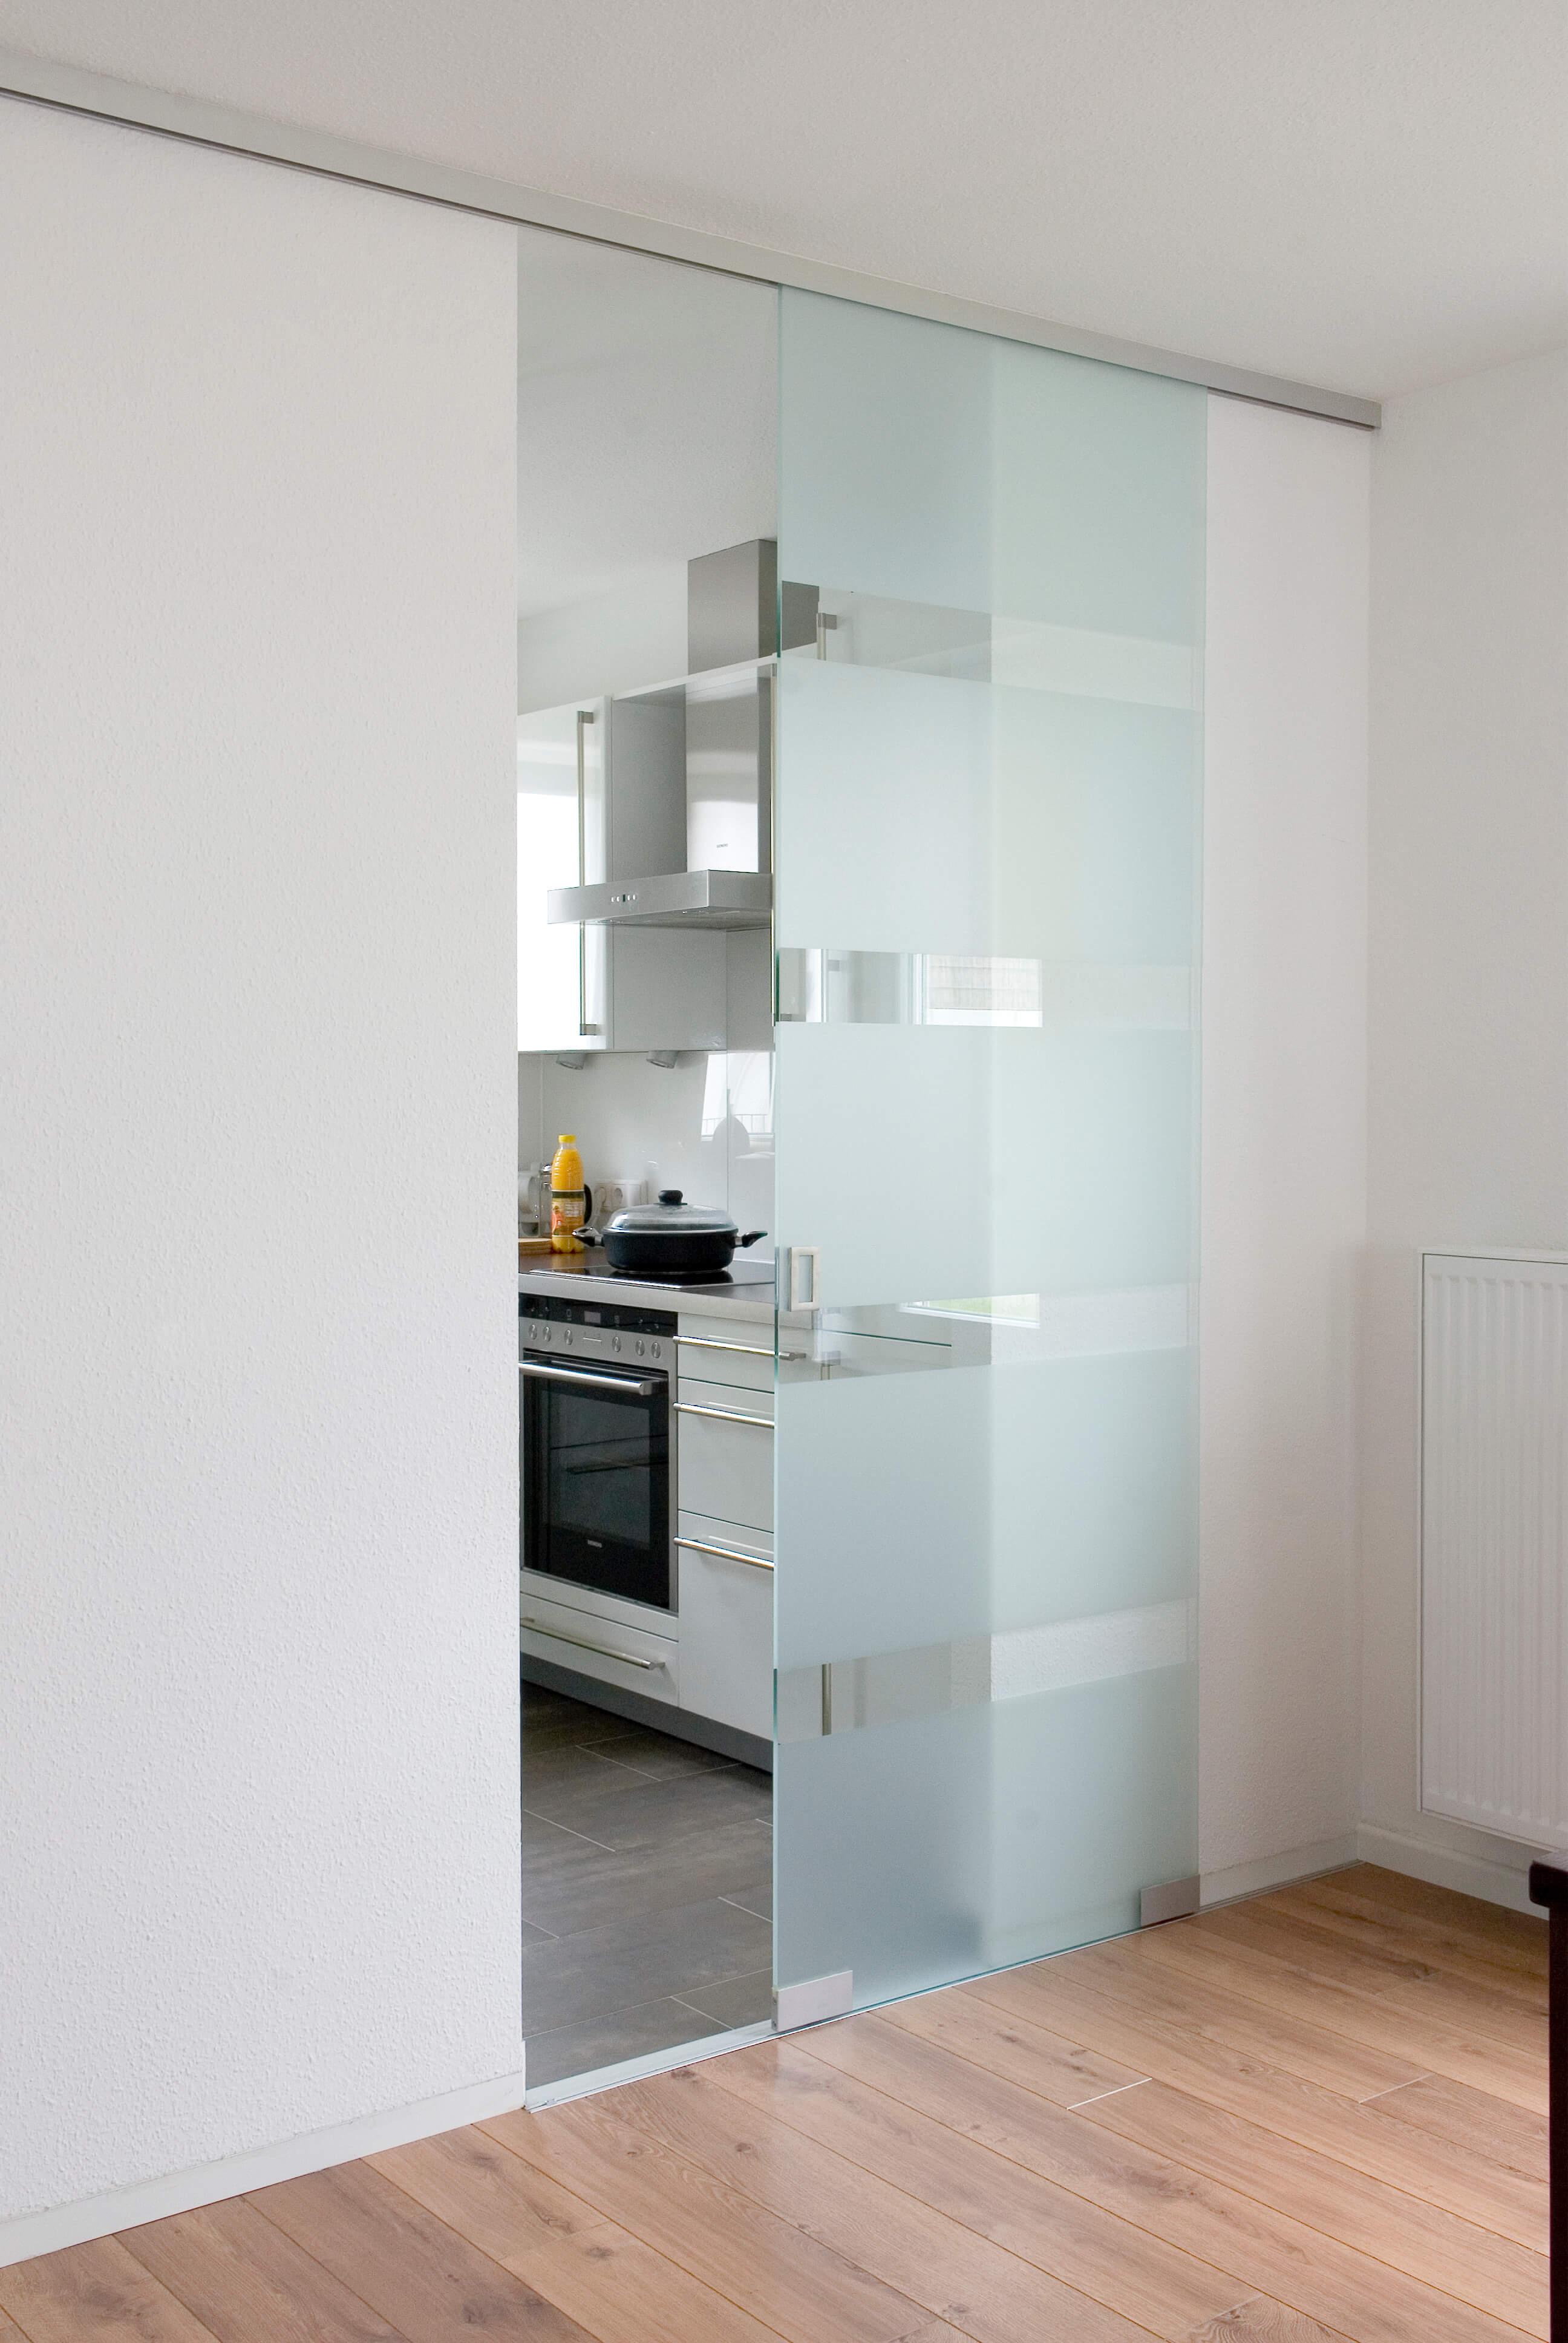 gleitt ren schreinerei roth und schwarz. Black Bedroom Furniture Sets. Home Design Ideas